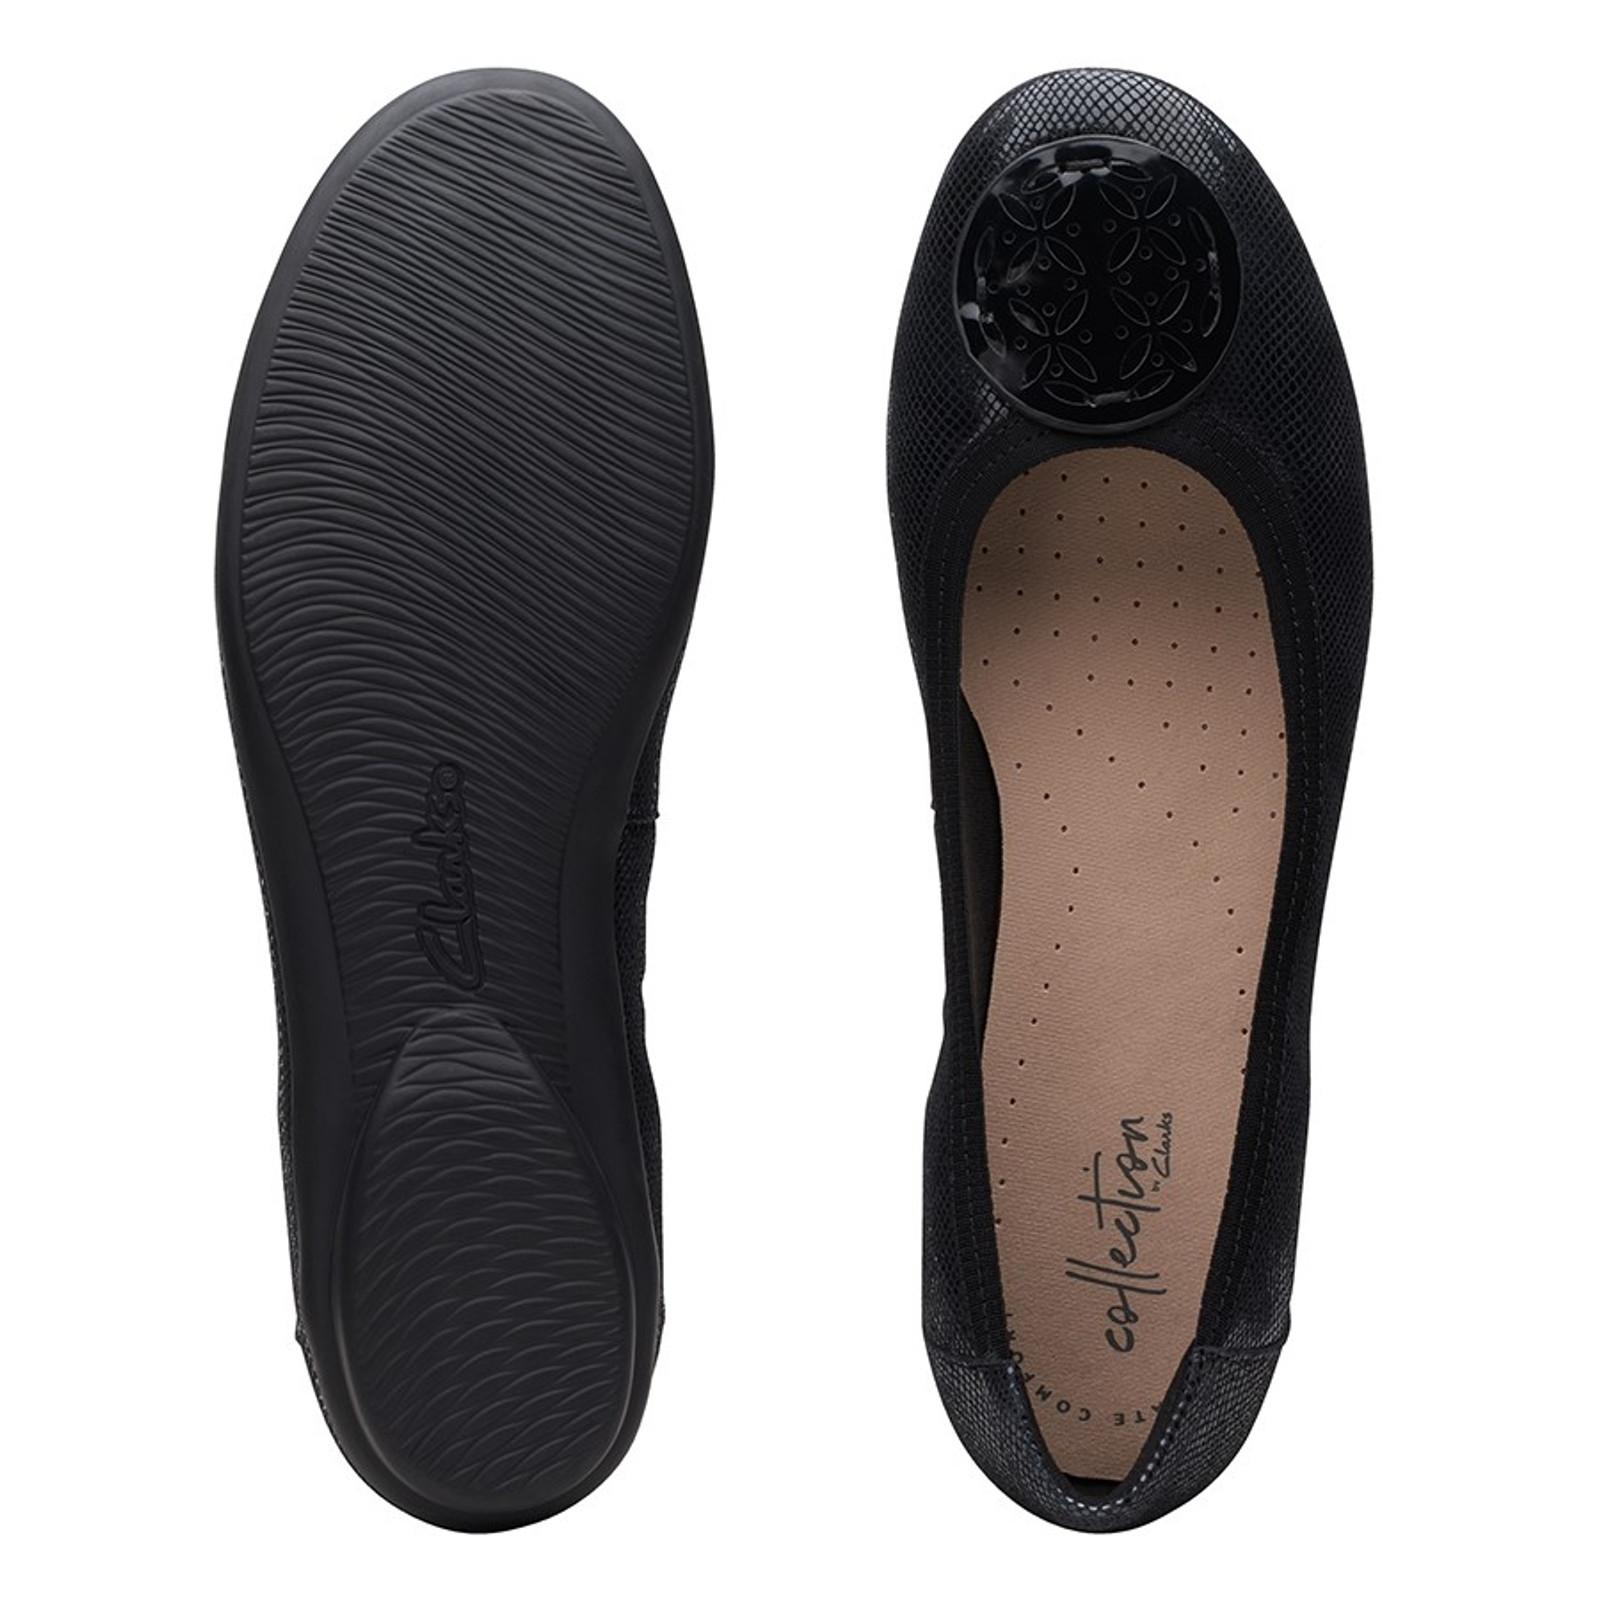 Clarks Womens GRACELIN LOLA Black Interest Leather